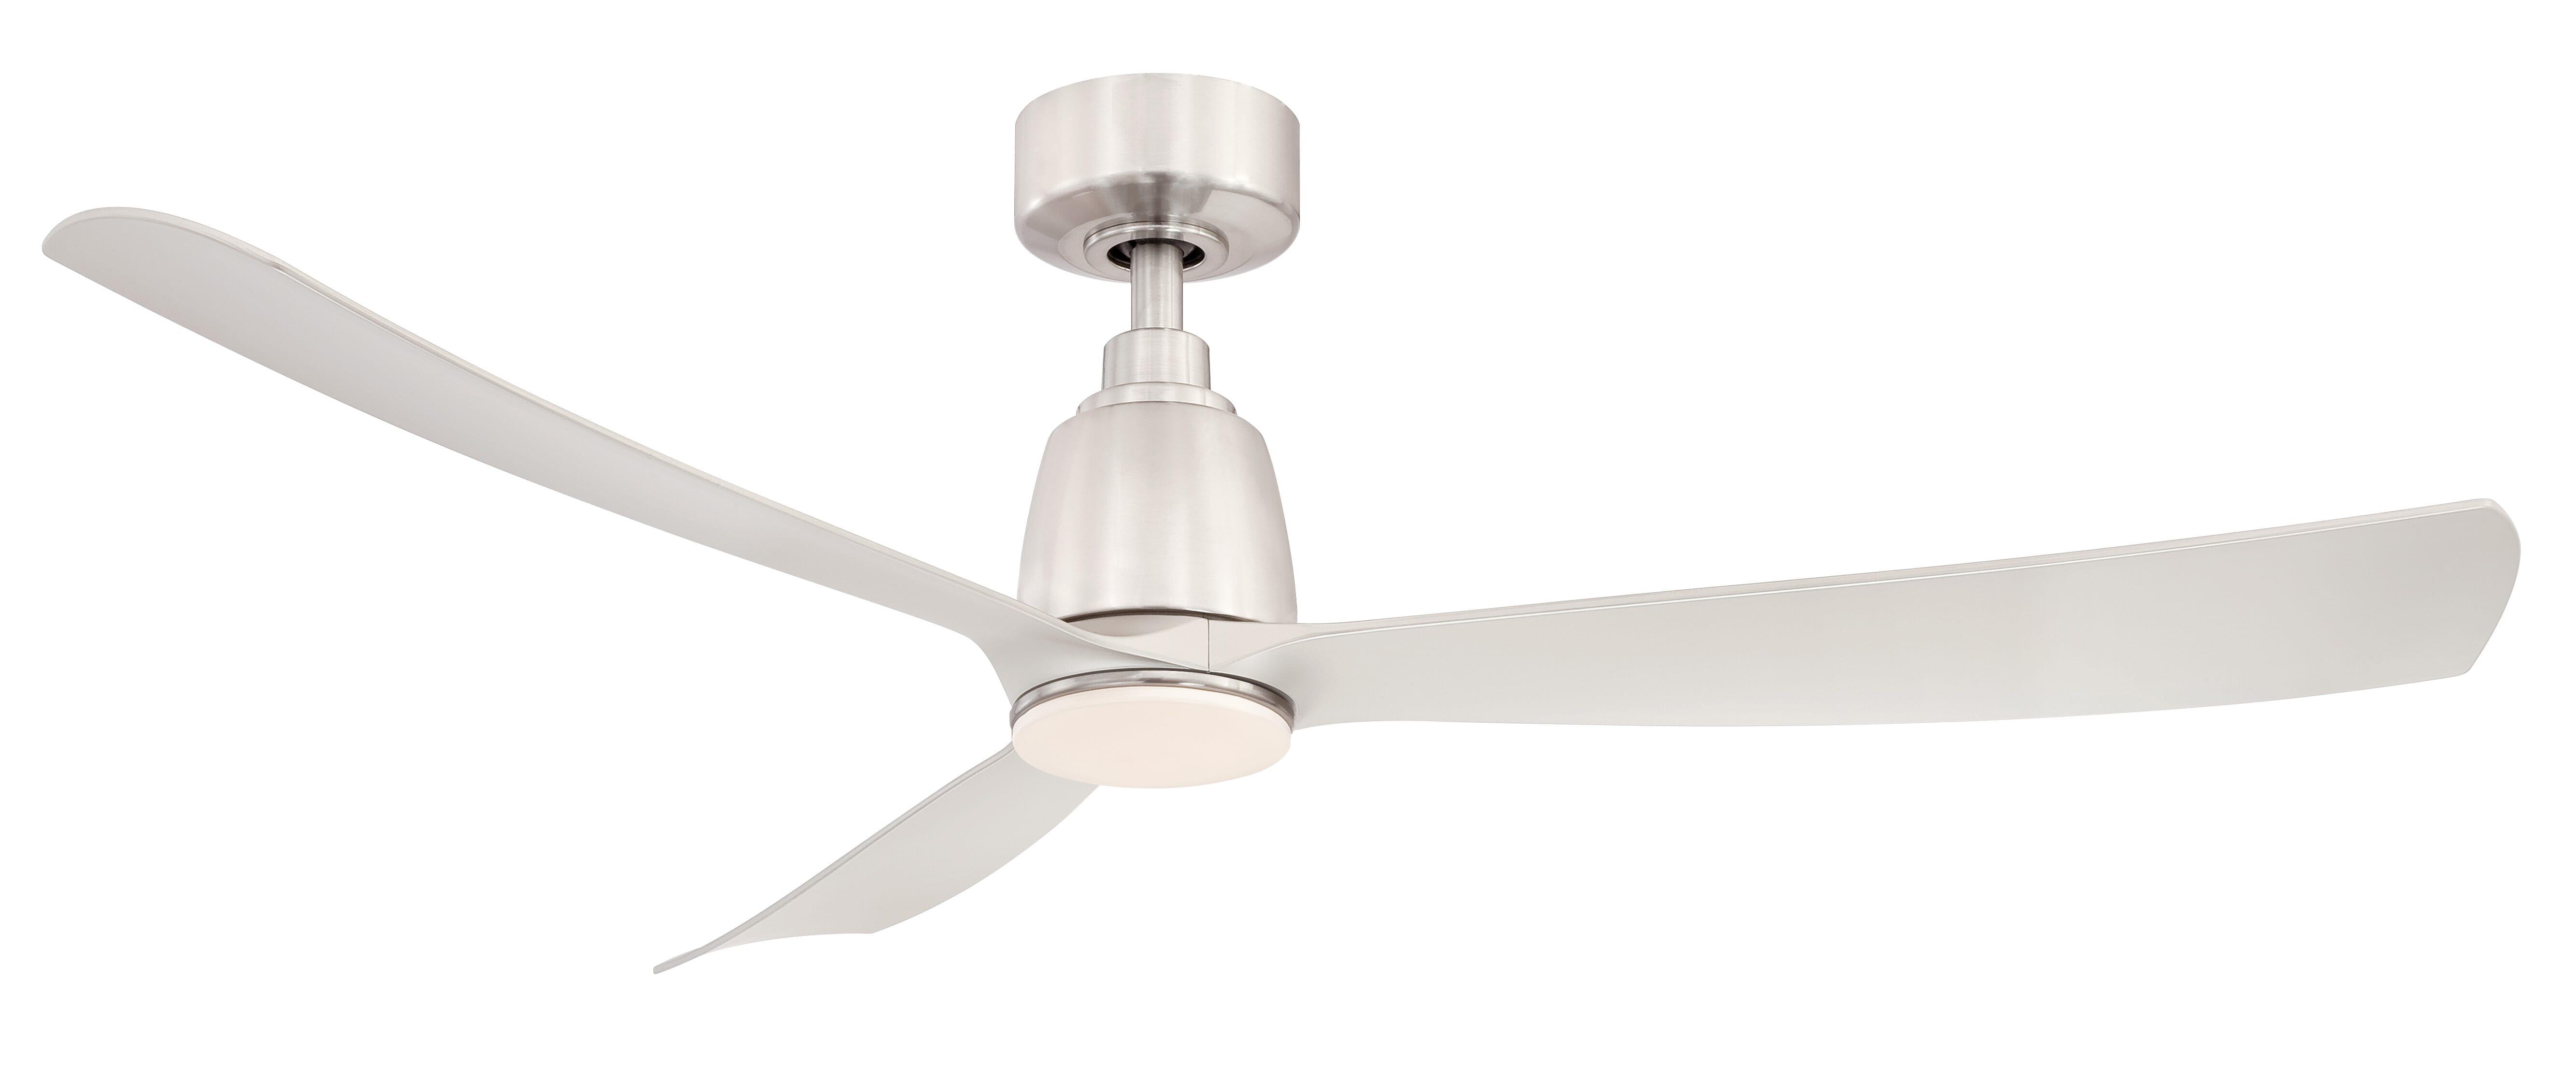 Fanimation Kute 52 Indoor Ceiling Fan